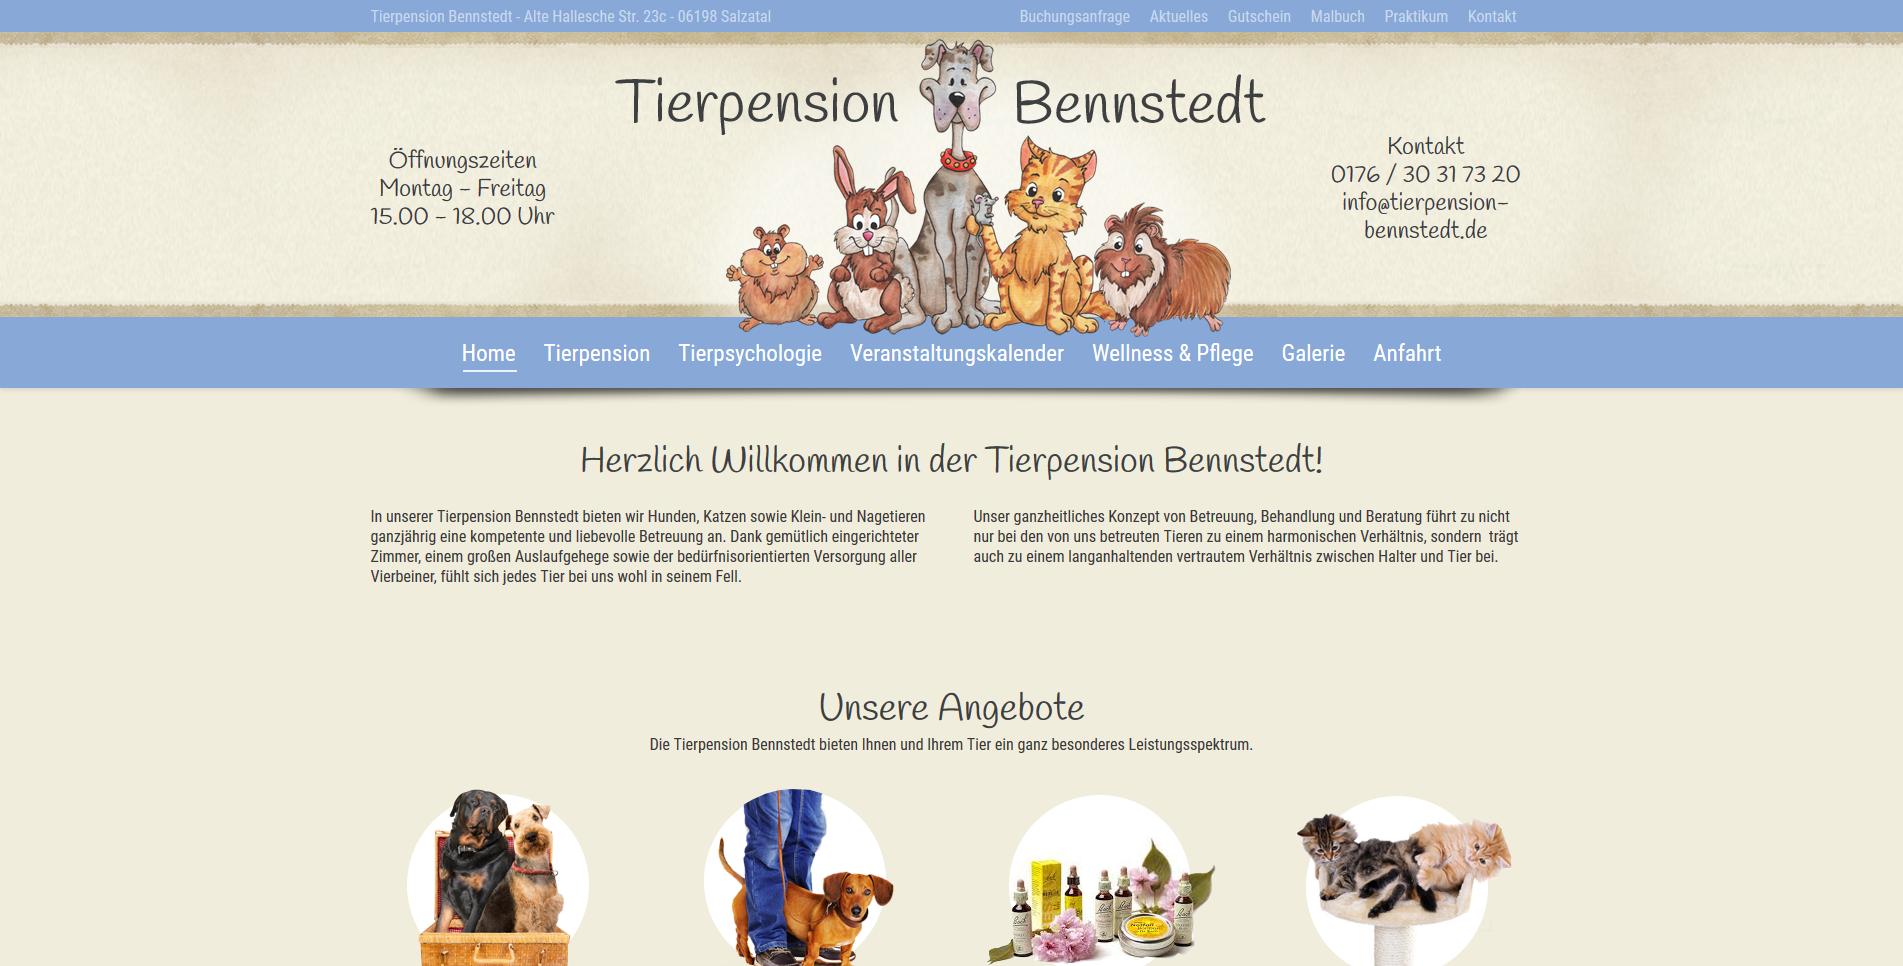 Tierpension Bennstedt